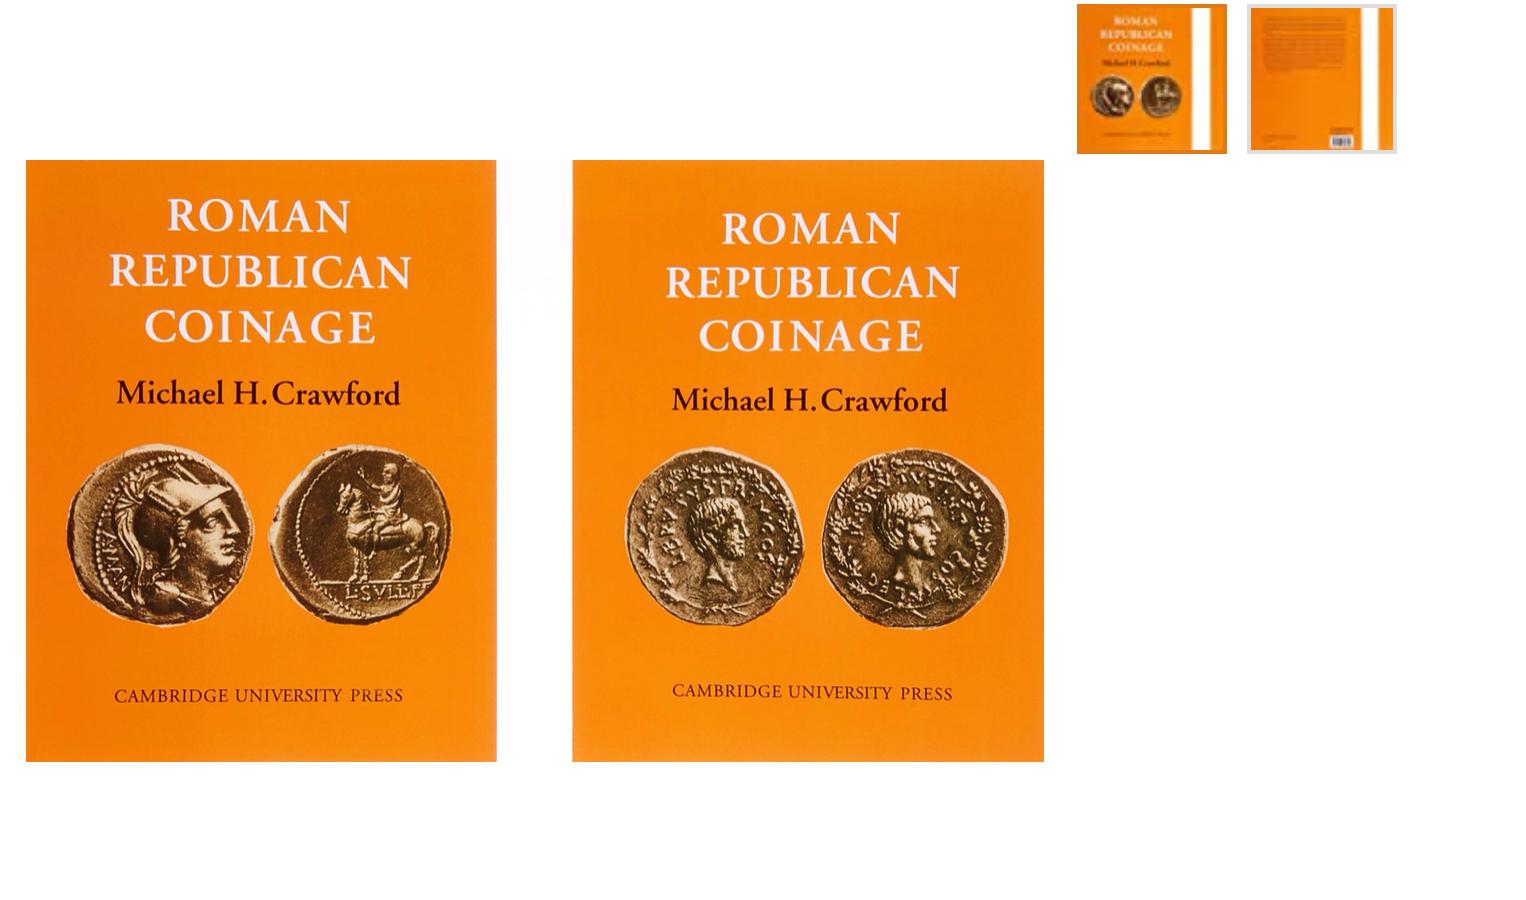 Roman Republican Coinage